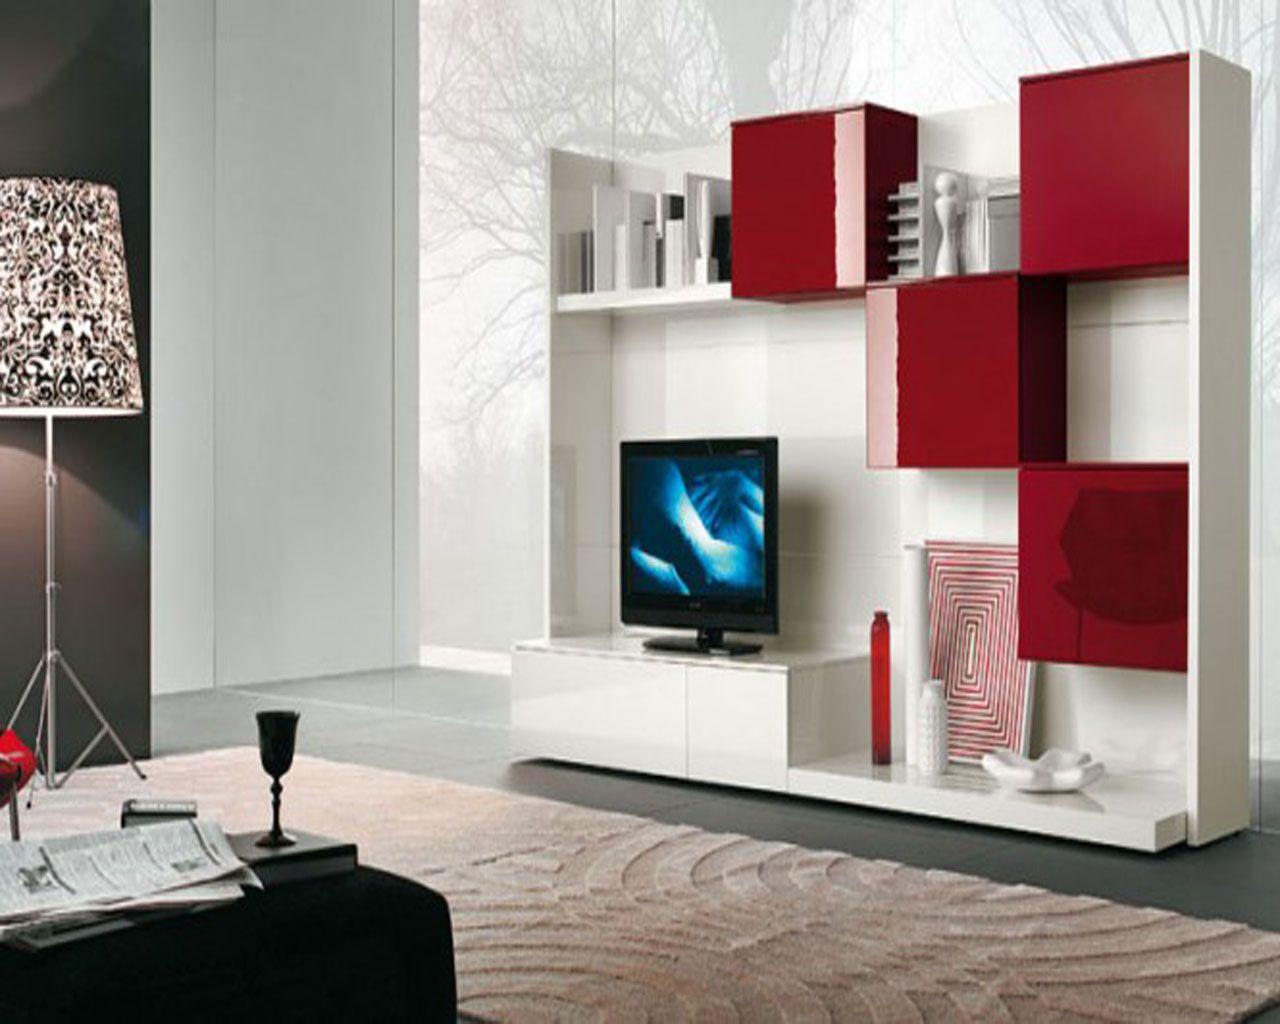 Wohnzimmer Ziegelwand ~ Erstaunlich wohnzimmer wand einheiten für modernes interieur